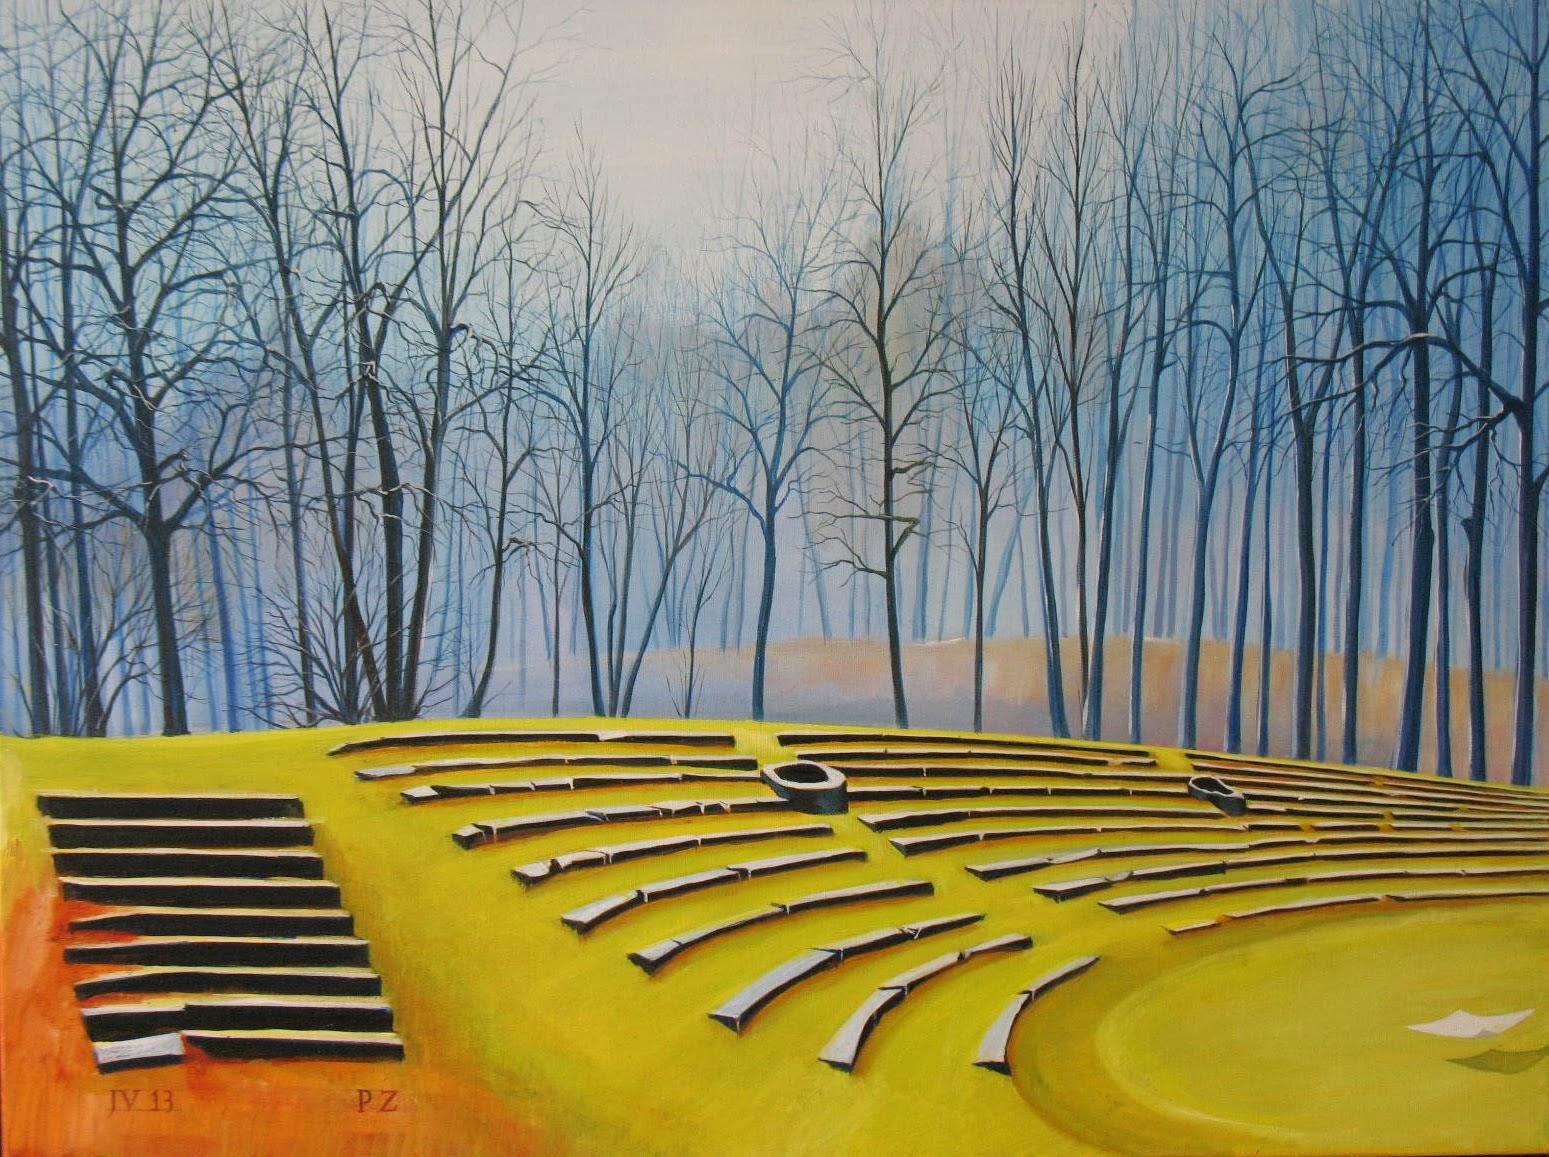 Schilderij (olieverf) van het Theater PZ